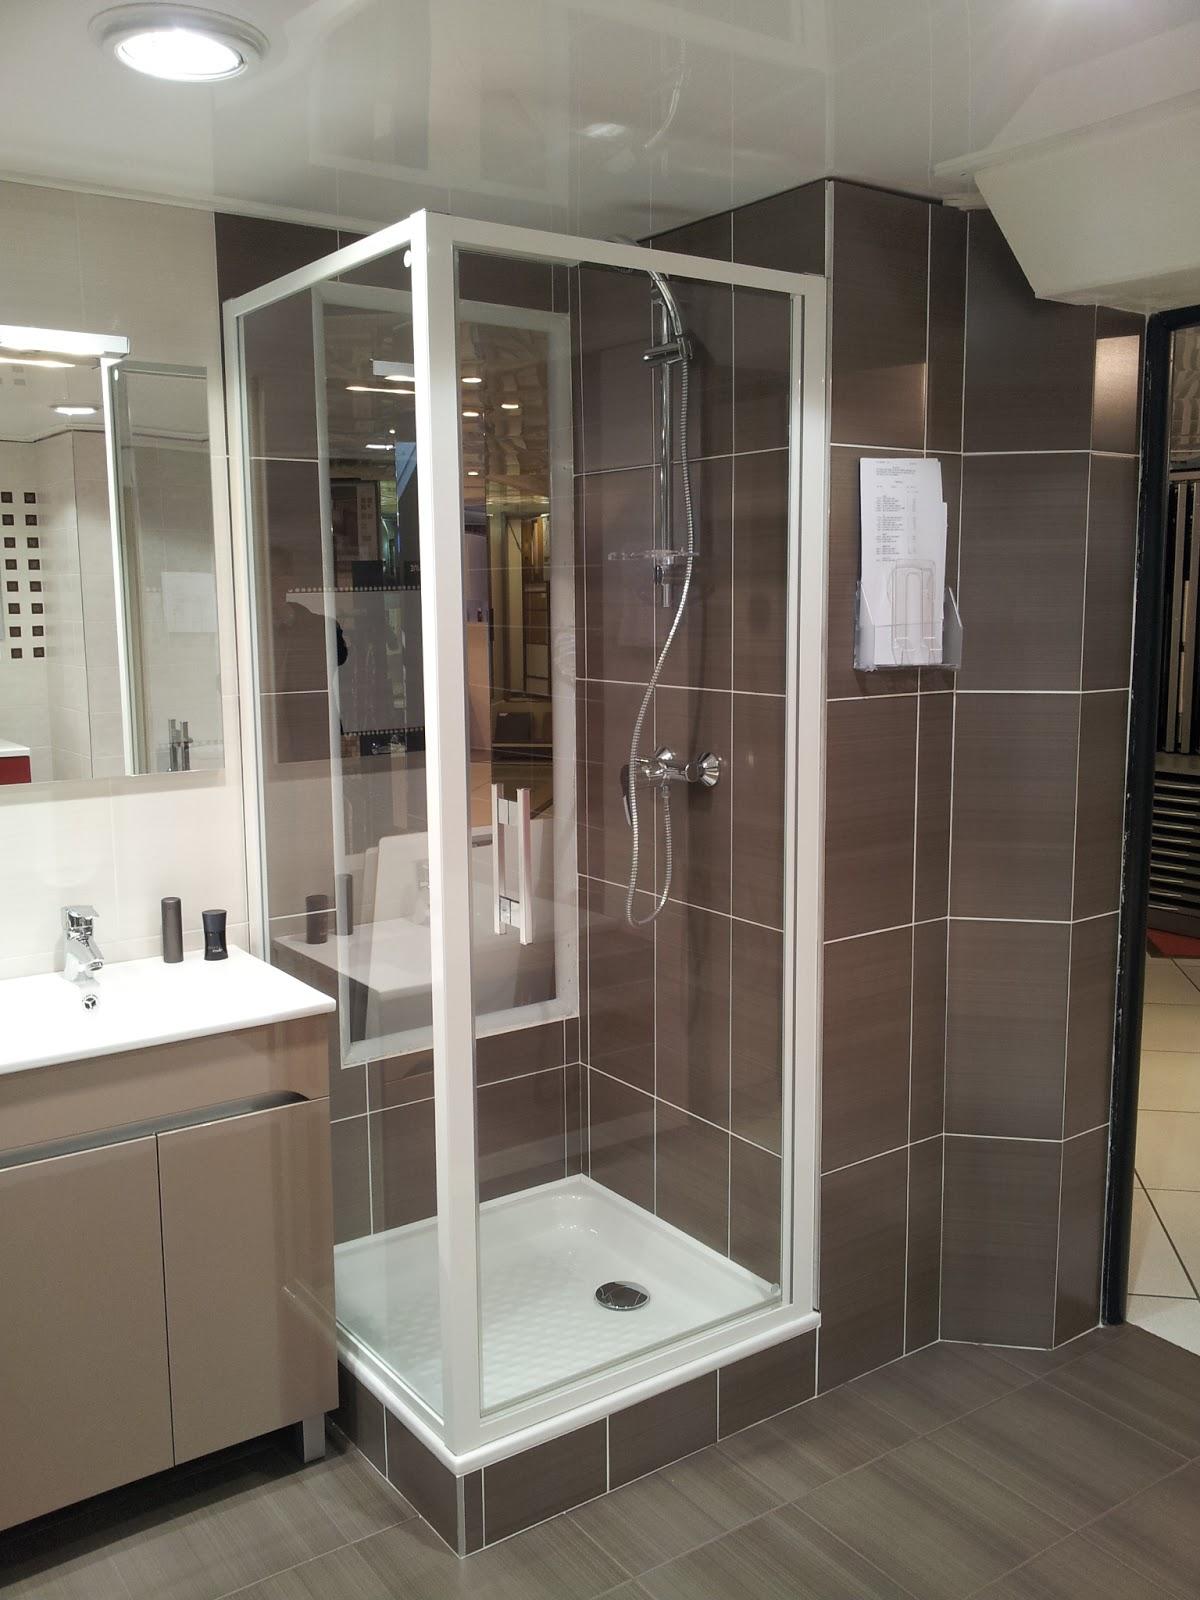 Tradimaisons construit ma maison malintrat puy de d me la salle de bain - Chauffer salle de bain ...